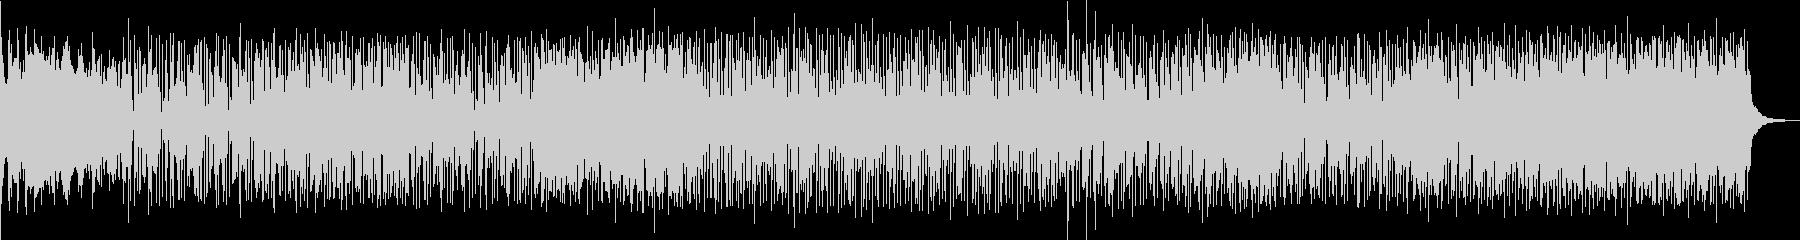 躍動感のあるロック調ポップスの未再生の波形